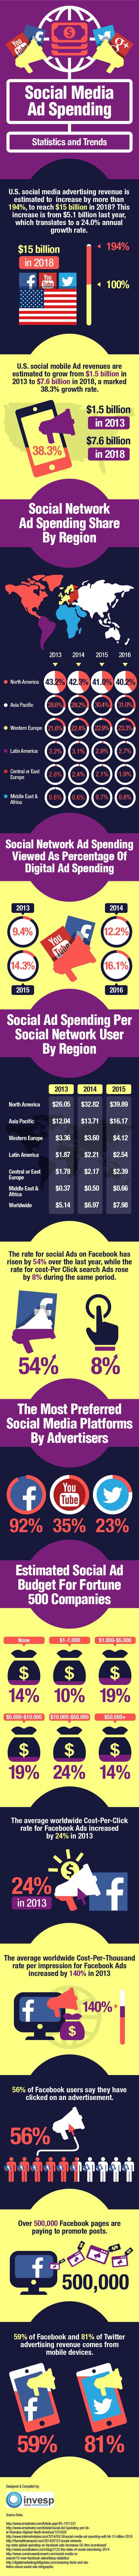 Infographic: Rise Of Social Media Advertising Spending